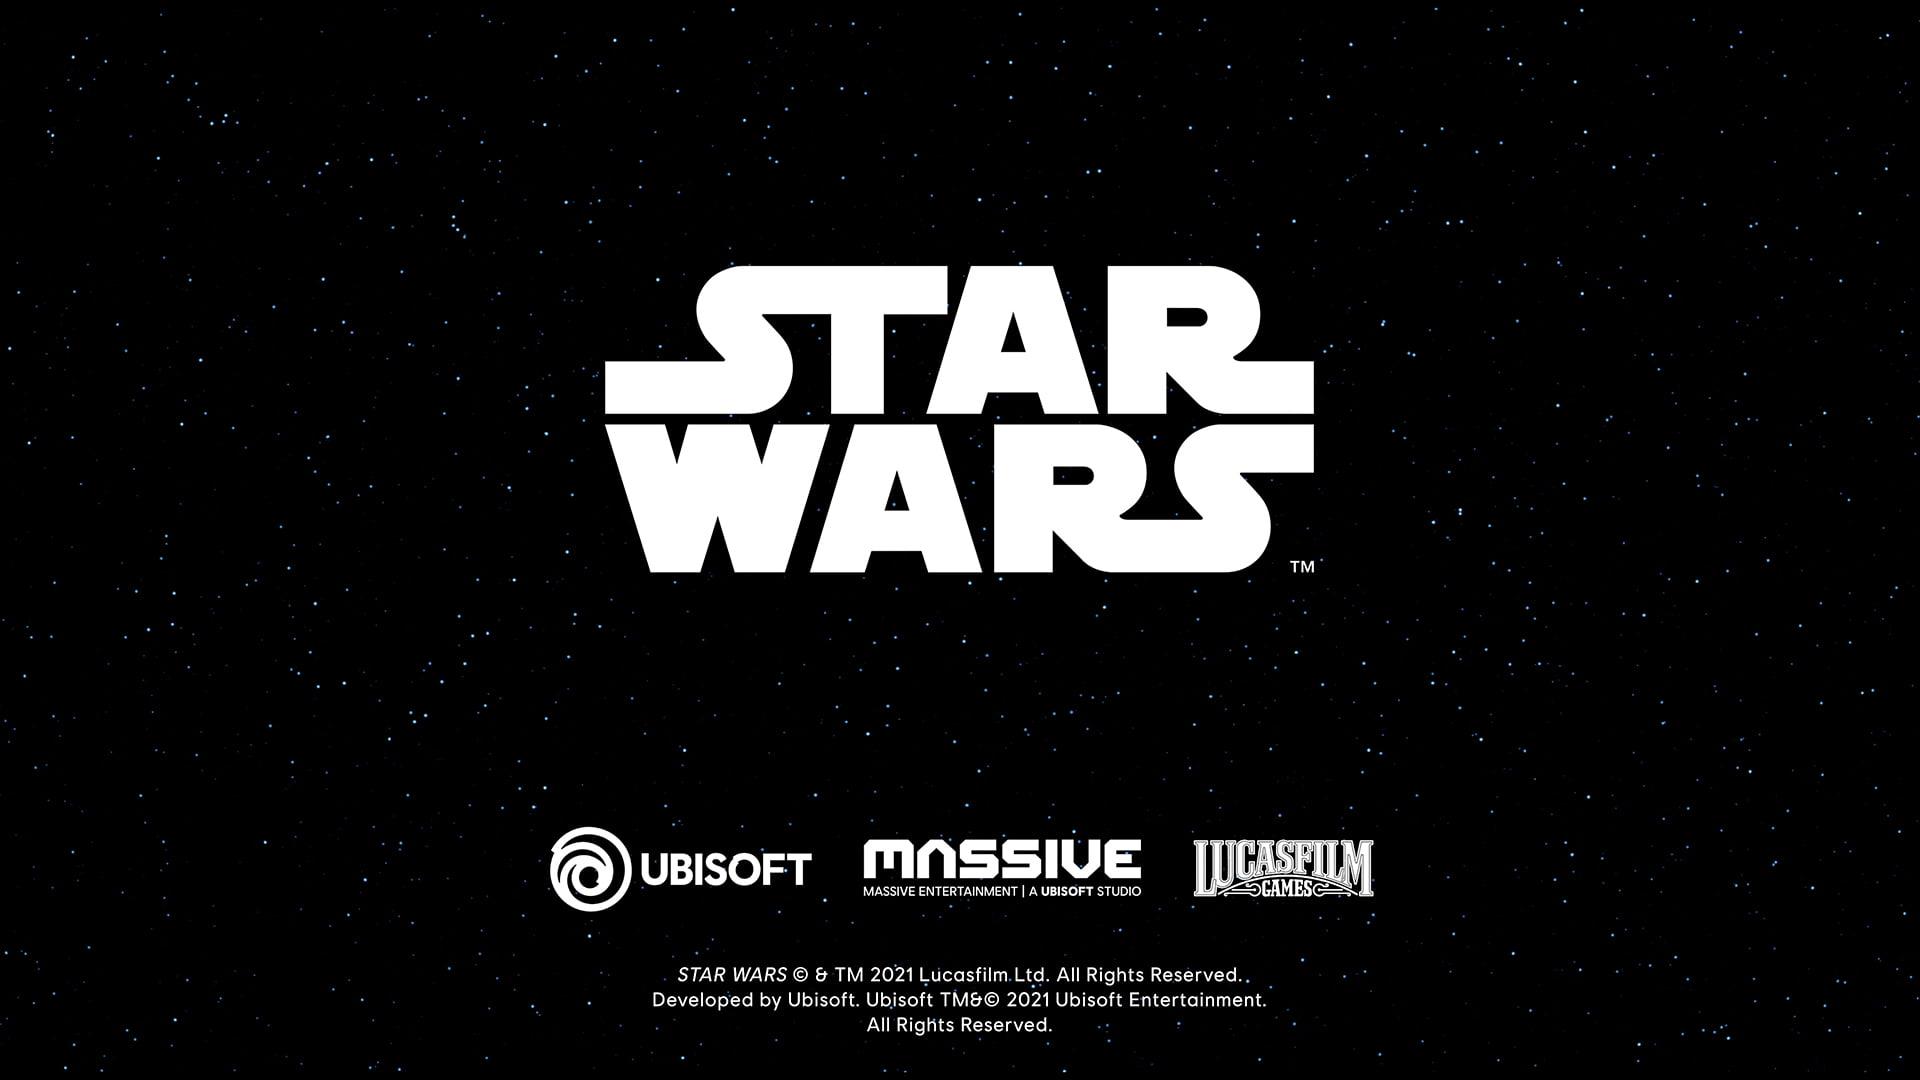 Ubisoft tendrá un juego de primer nivel basado en el universo Star Wars.